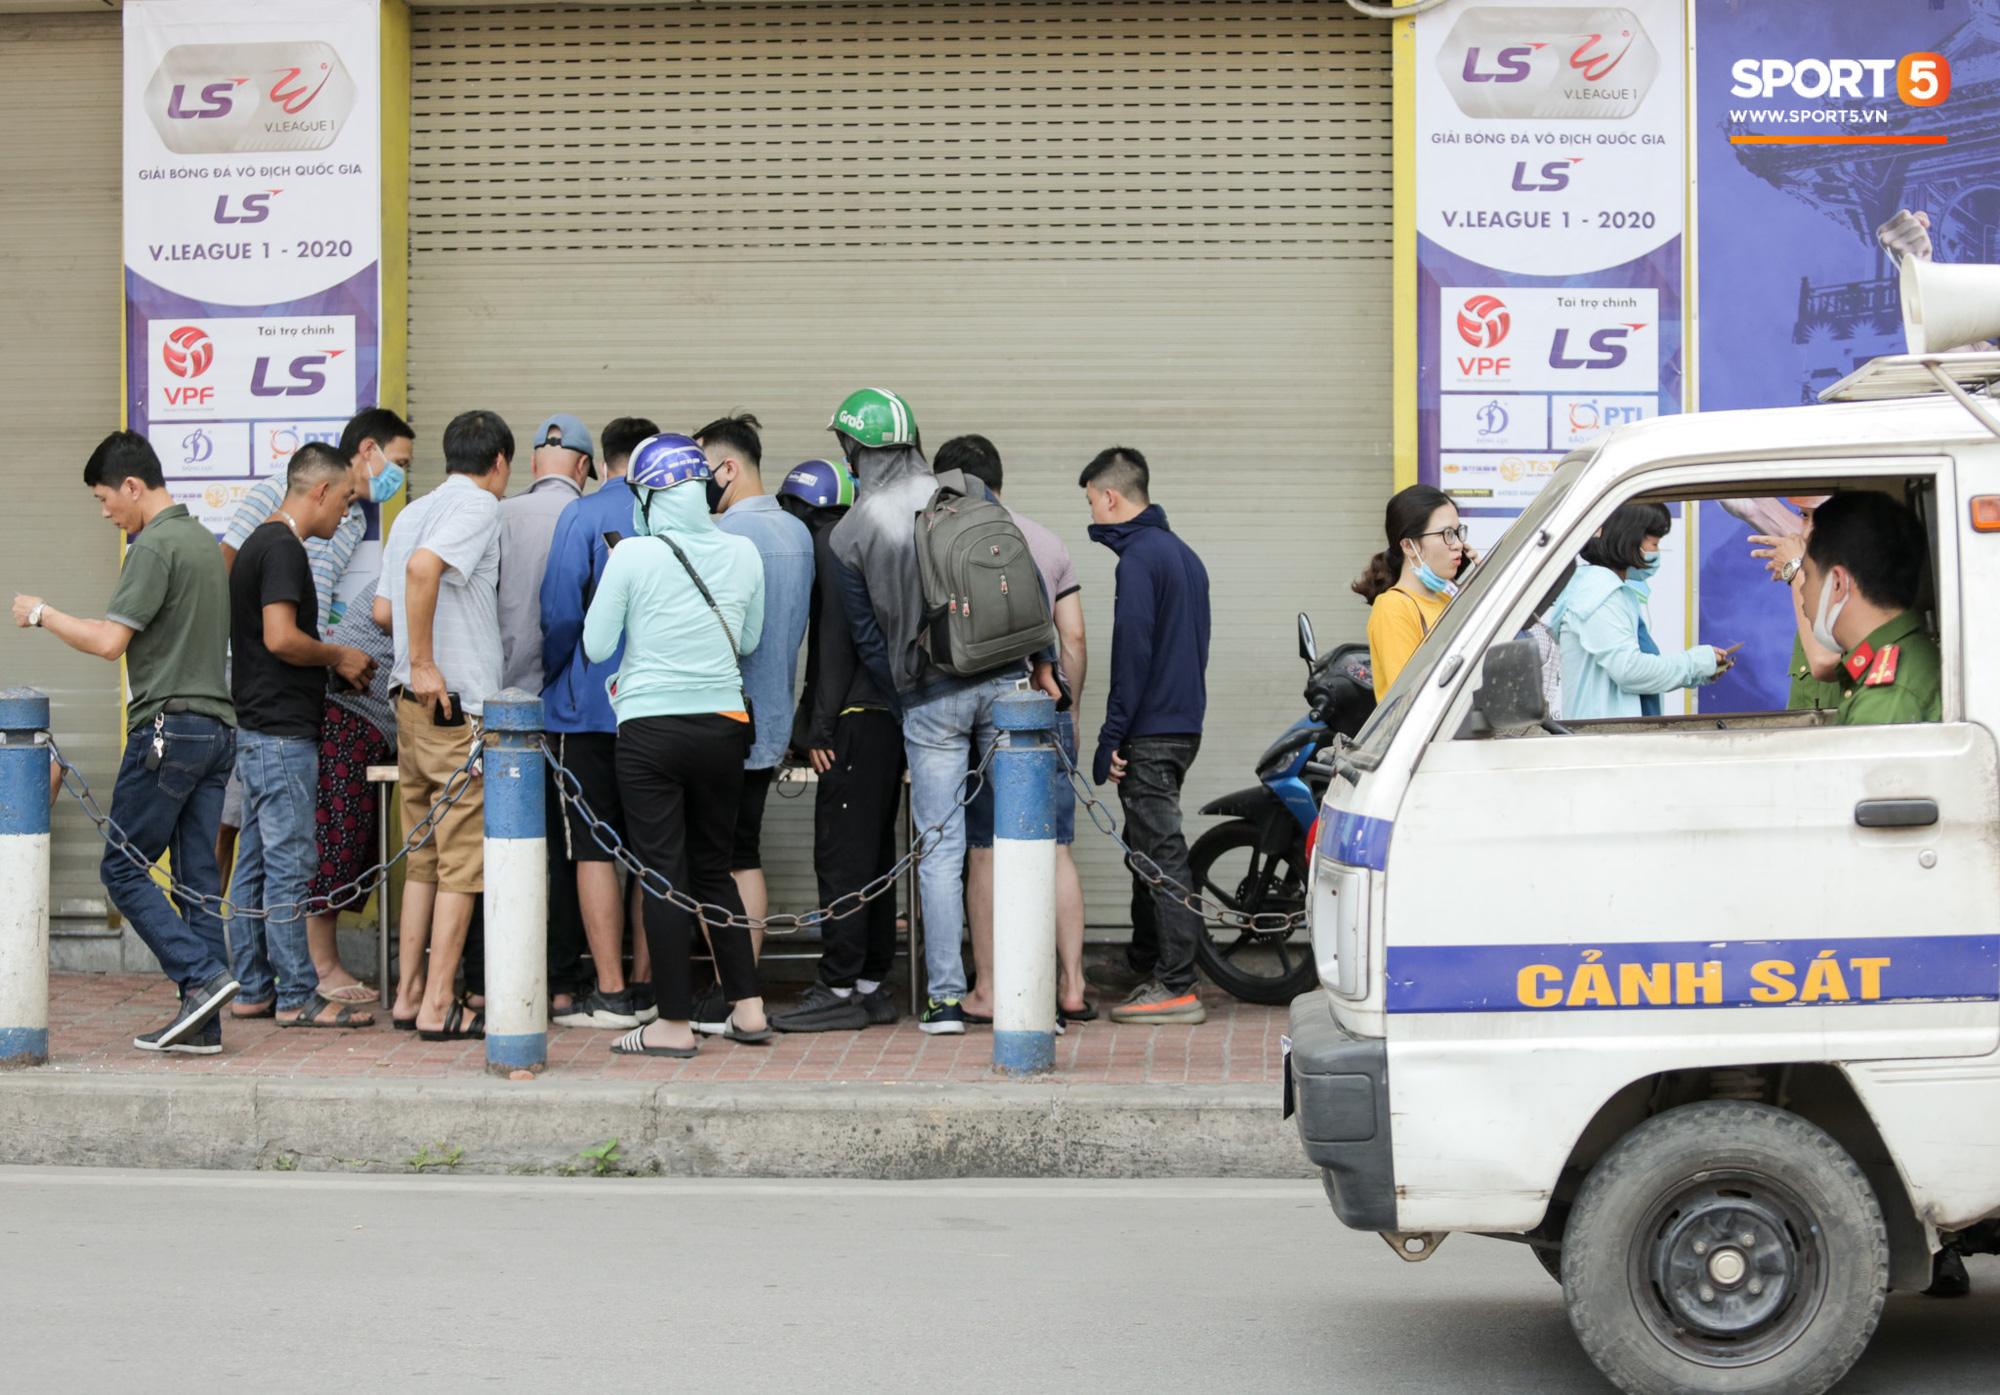 Mở bán vé xem Quang Hải so tài Văn Toàn vào giờ đi làm, dân phe lại đông hơn CĐV - Ảnh 8.